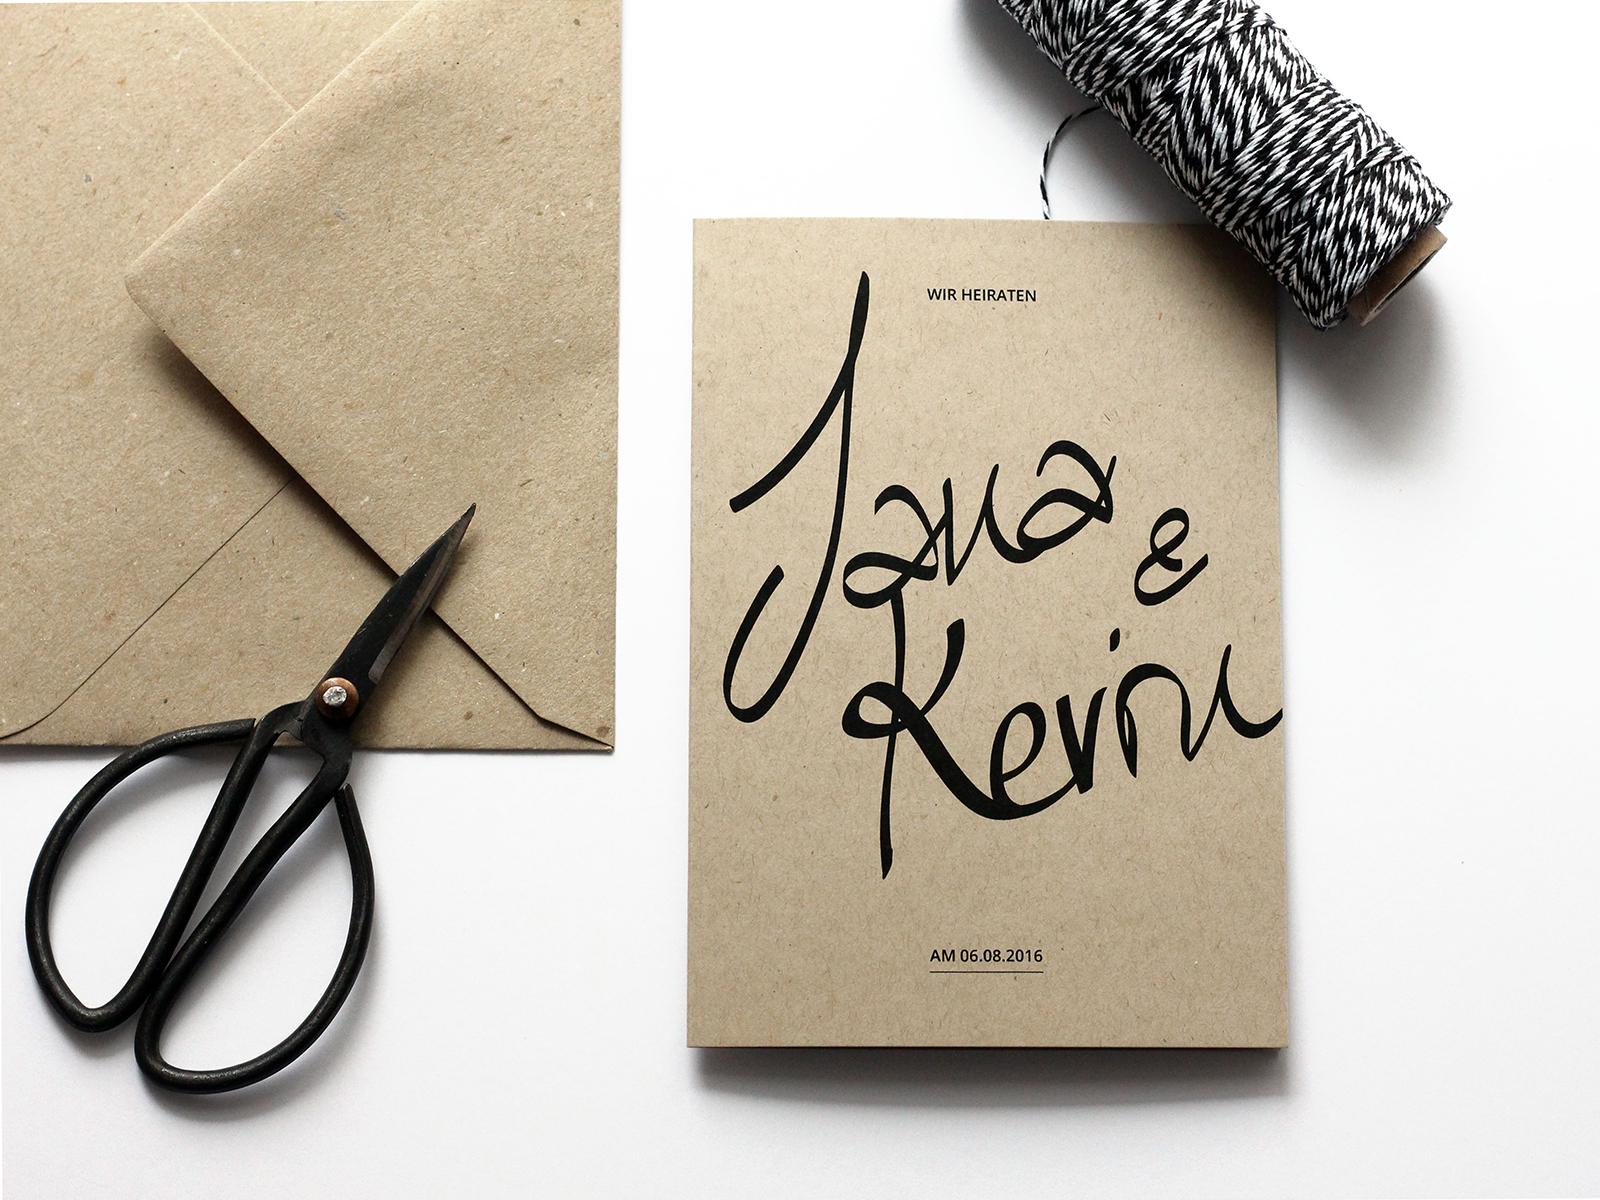 Einladung INK auf Kraftpapier